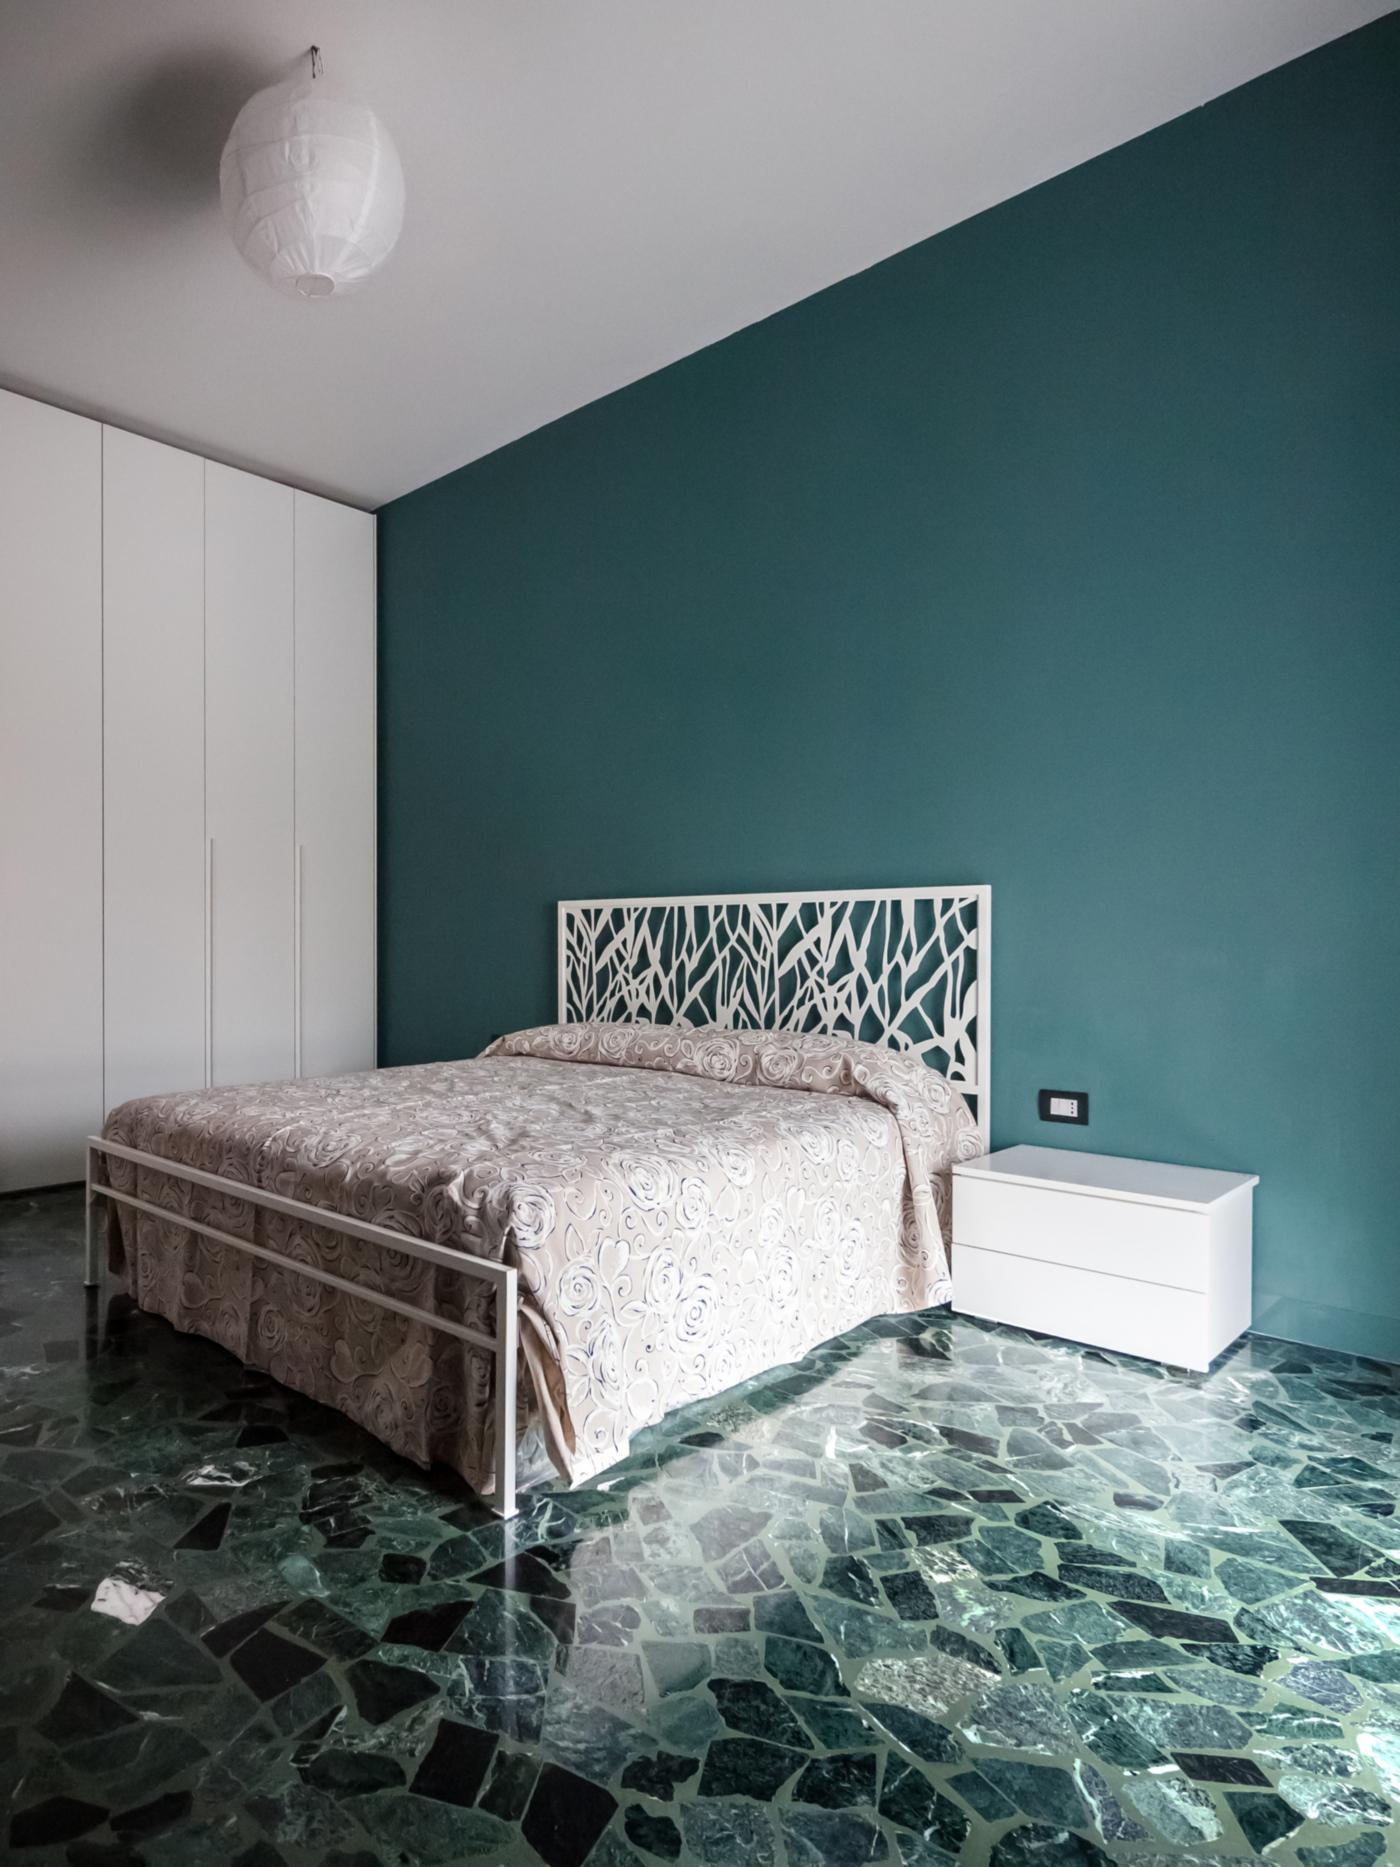 Una ristrutturazione a basso budget che rivoluziona spazi e percezione. Blu di Prussia, bianco e un marmo Verde Alpi per la camera da letto | Bottega di Architettura